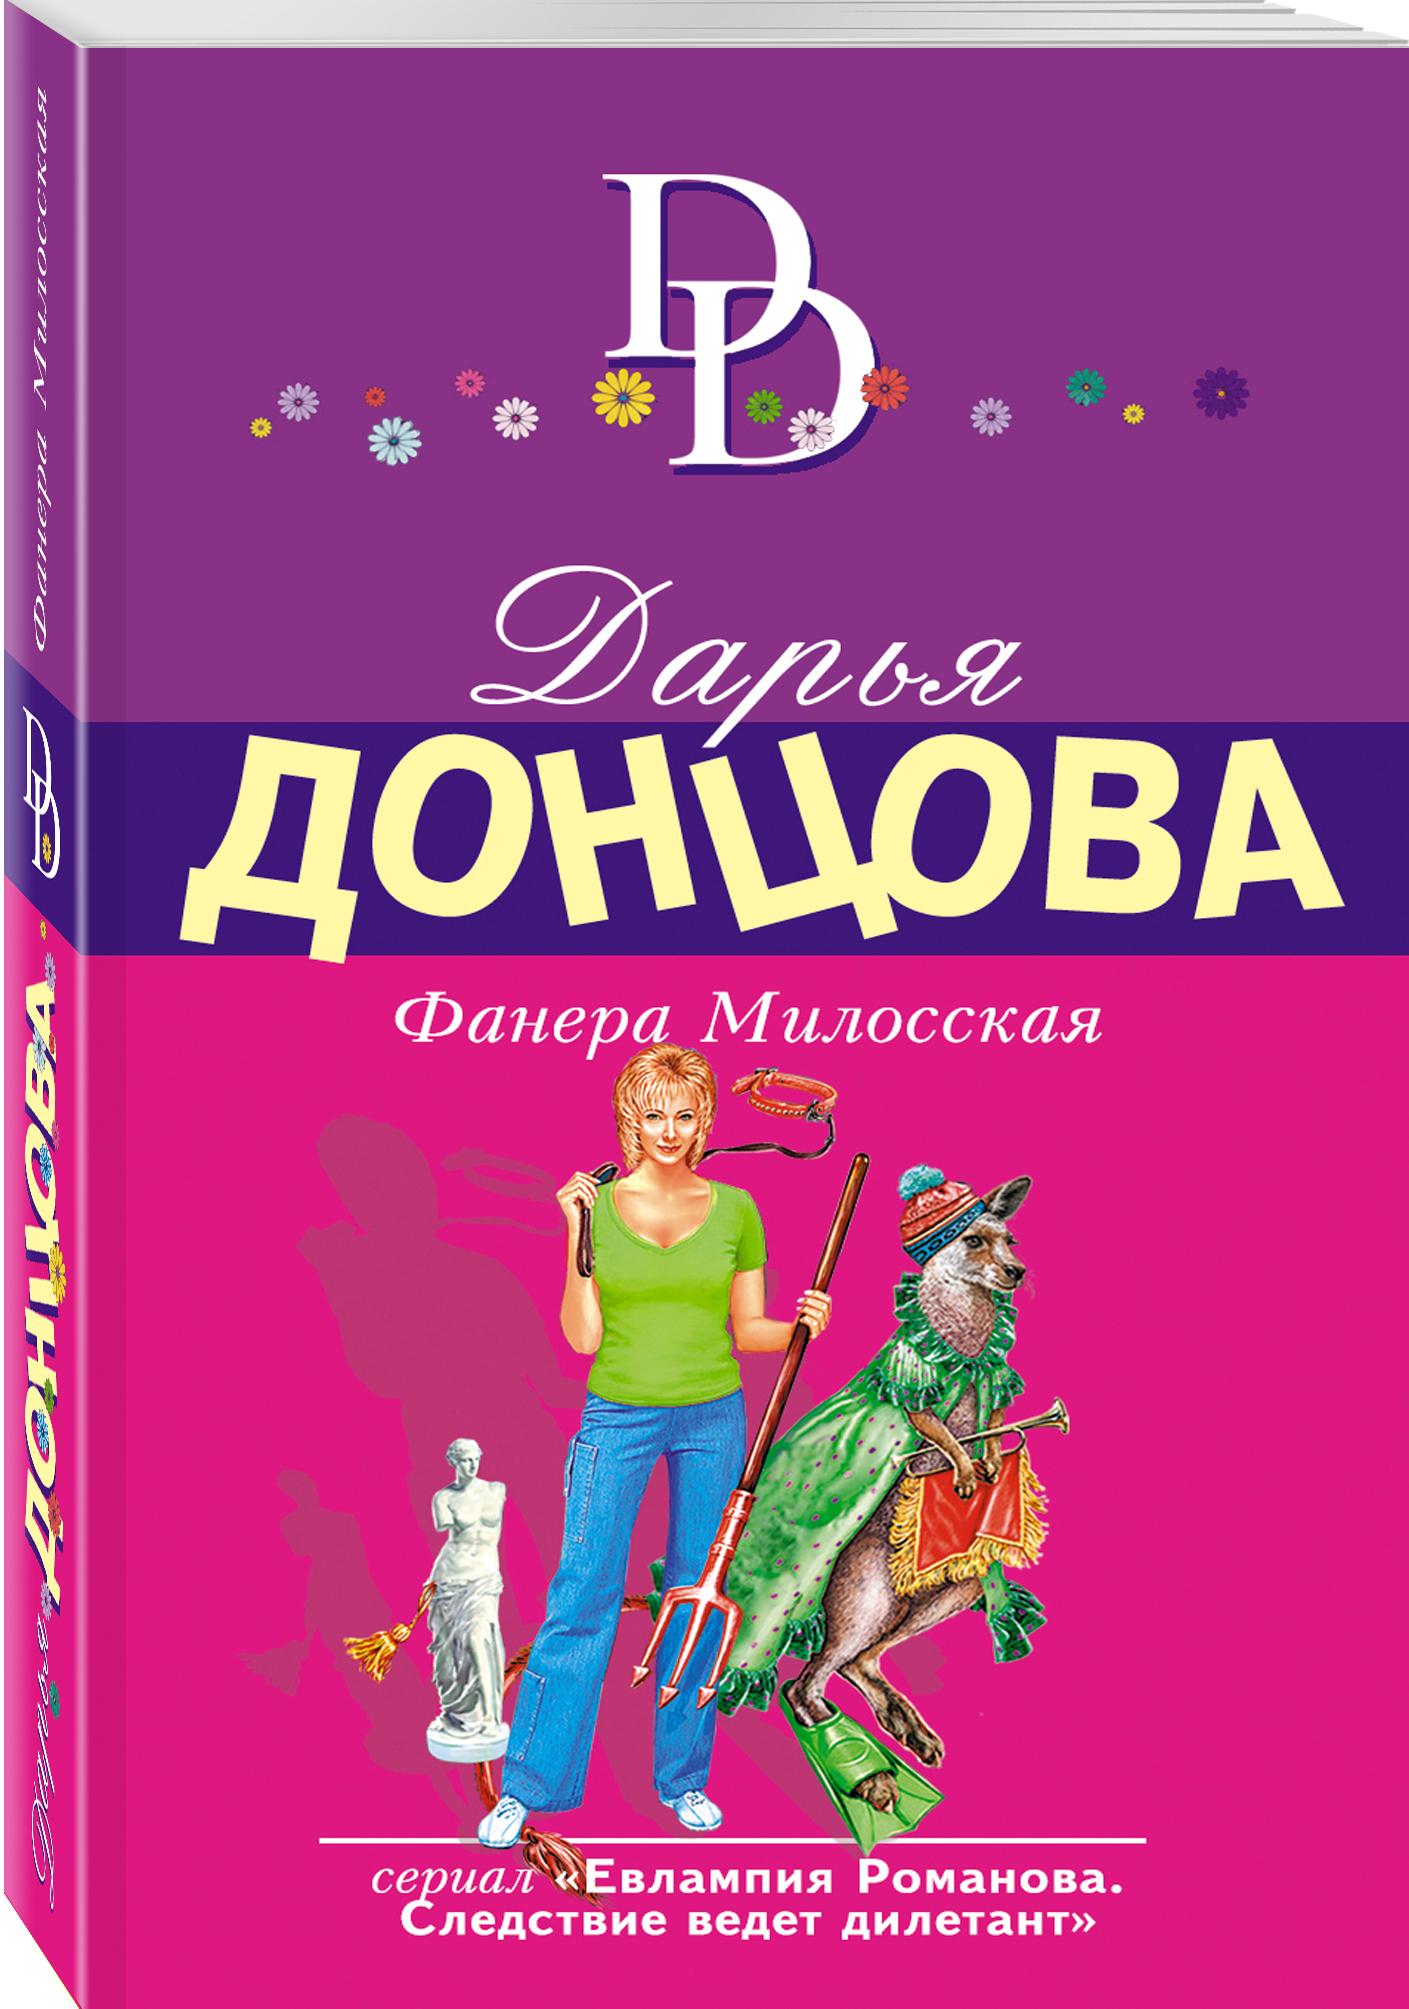 Фанера Милосская